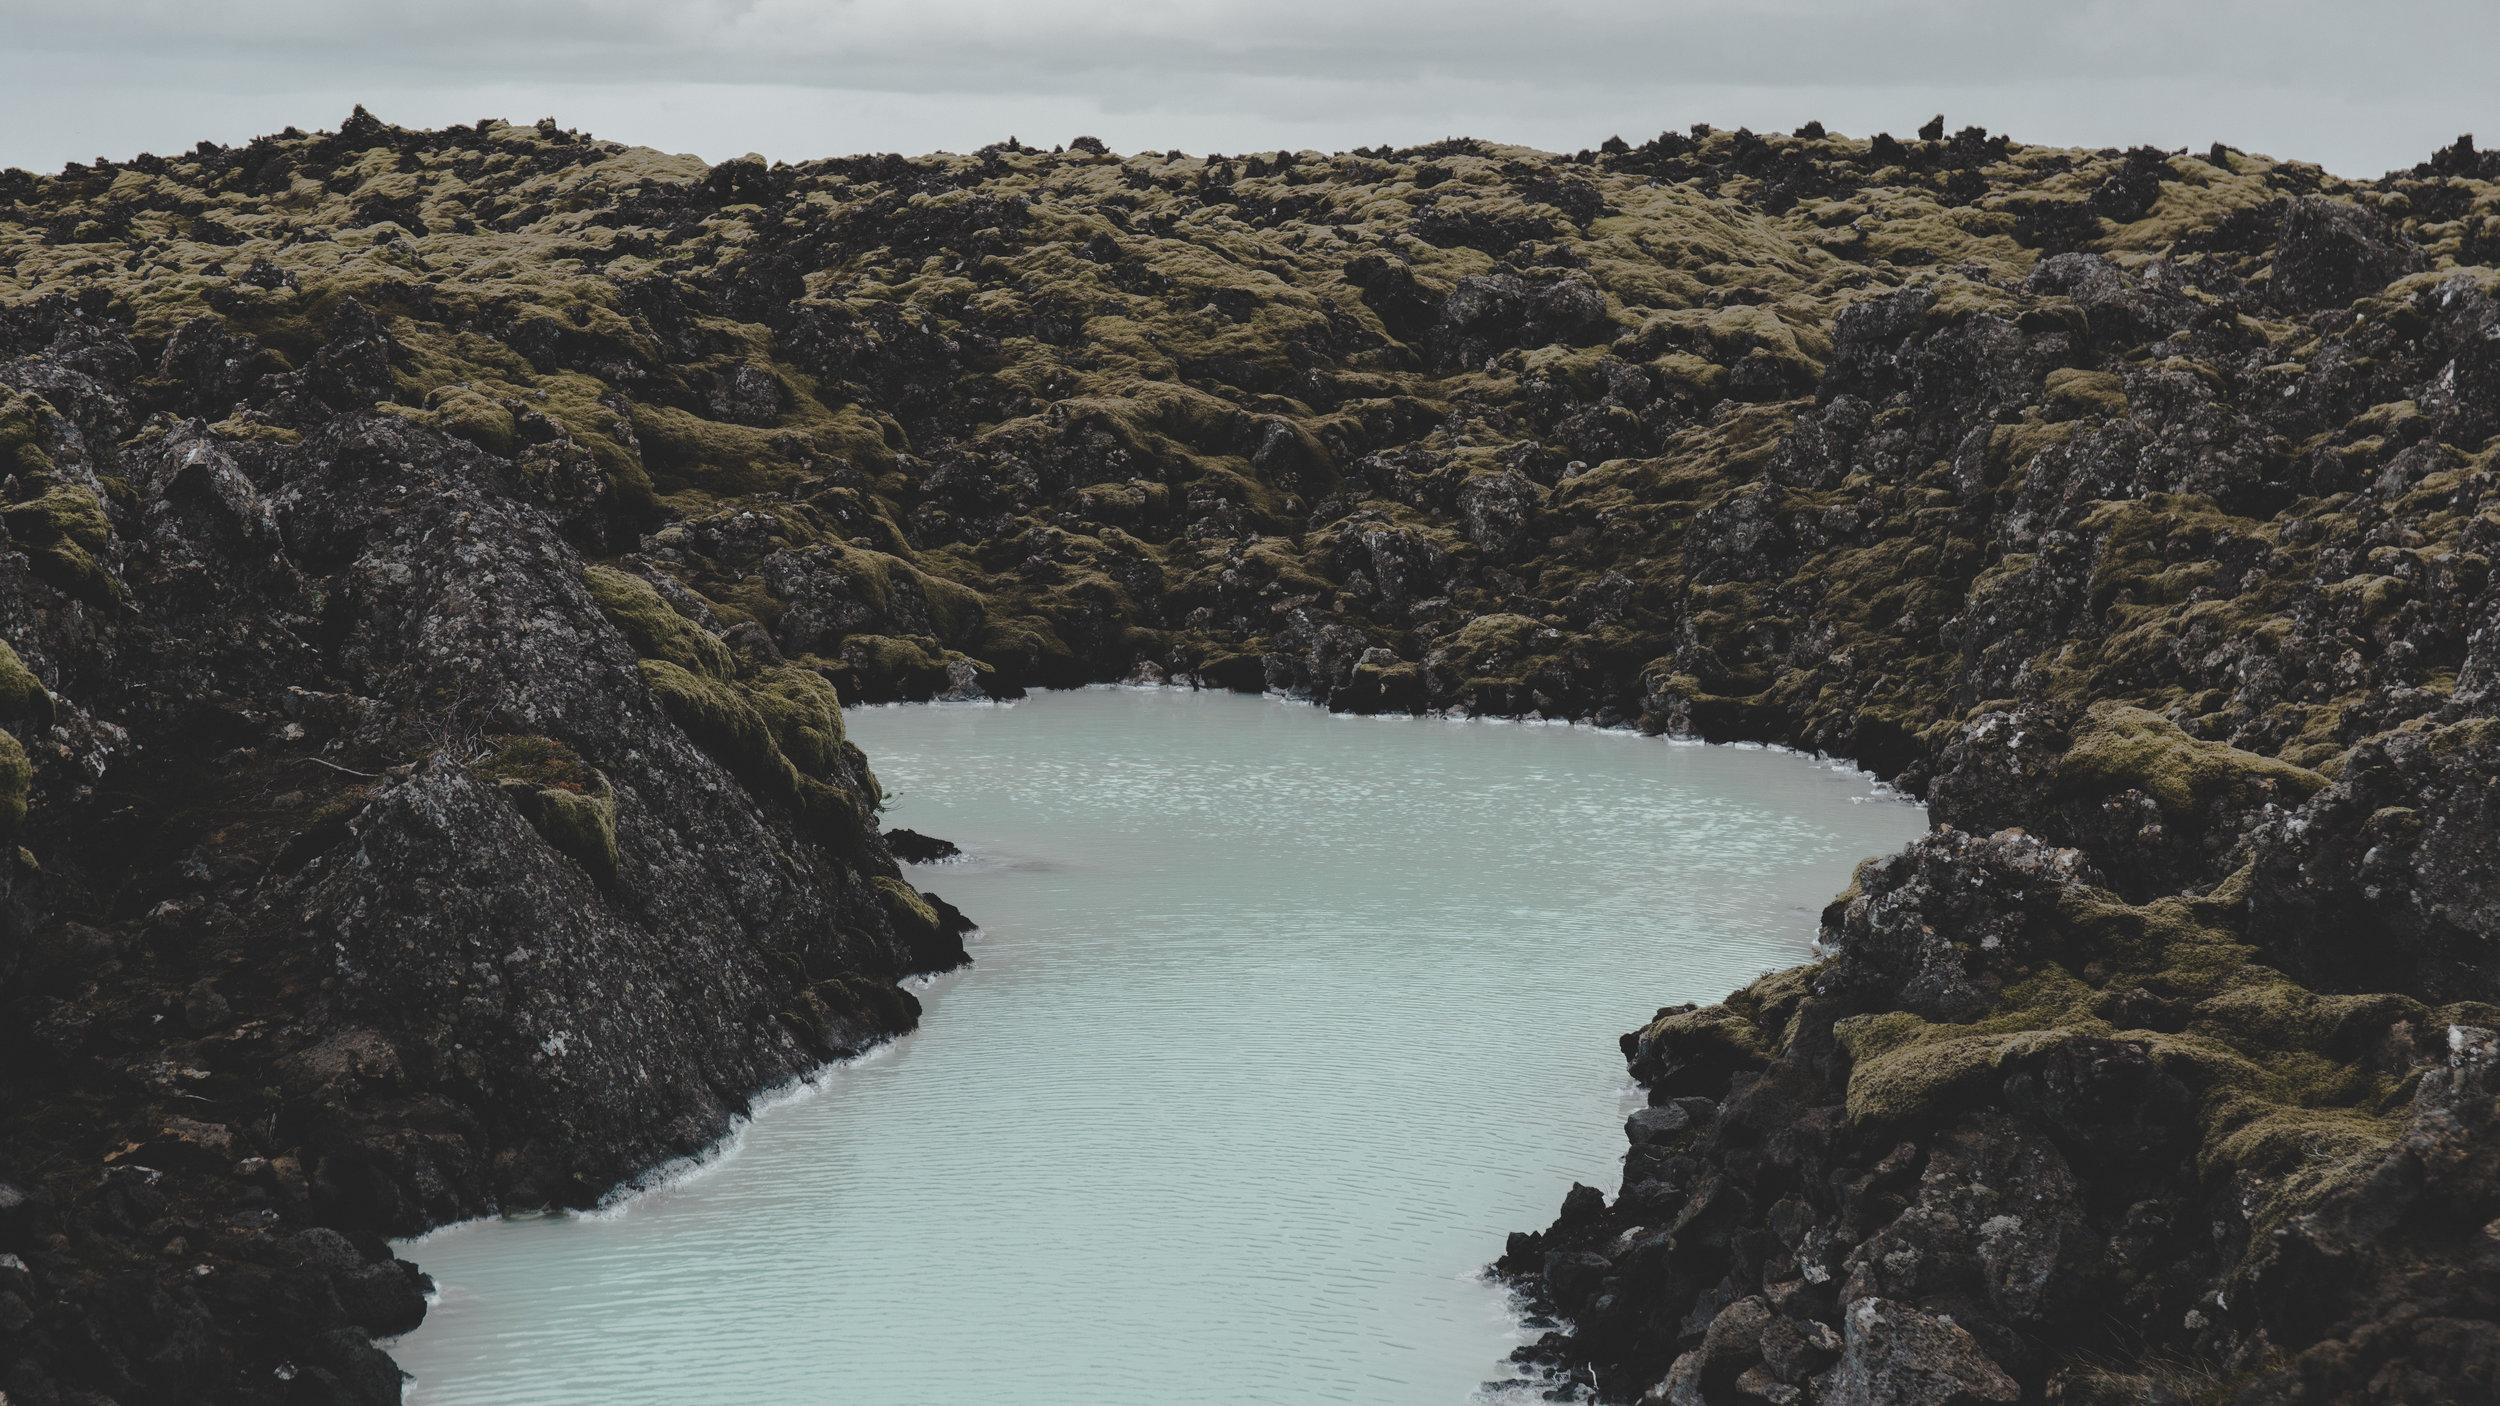 Area around Blue Lagoon